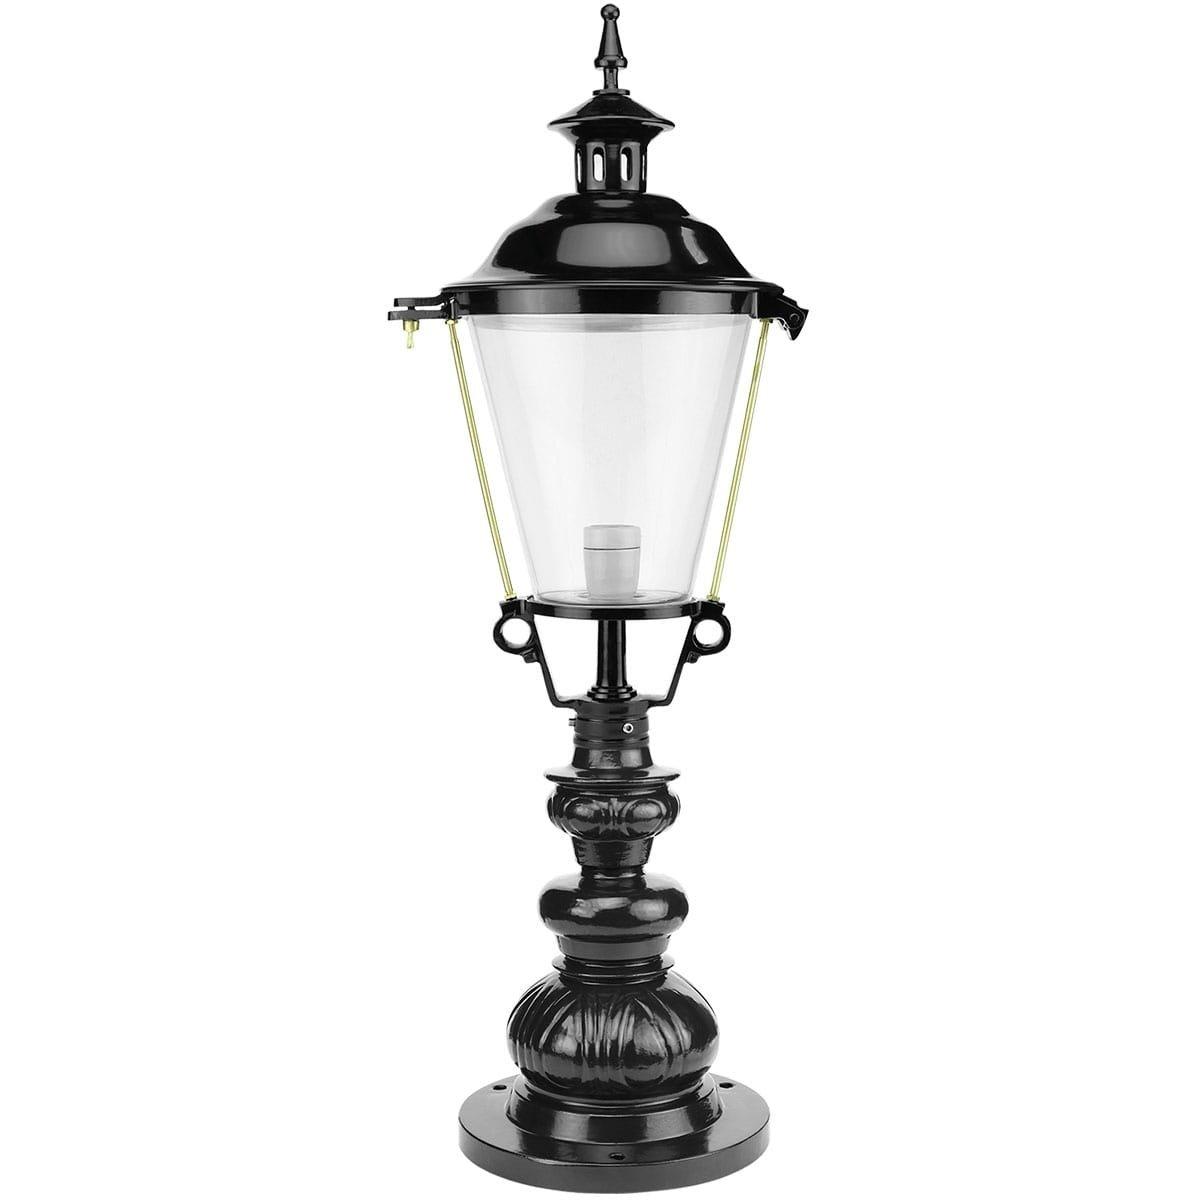 Buitenverlichting Klassiek Landelijk Tuinlamp rond Amersfoort - 91 cm